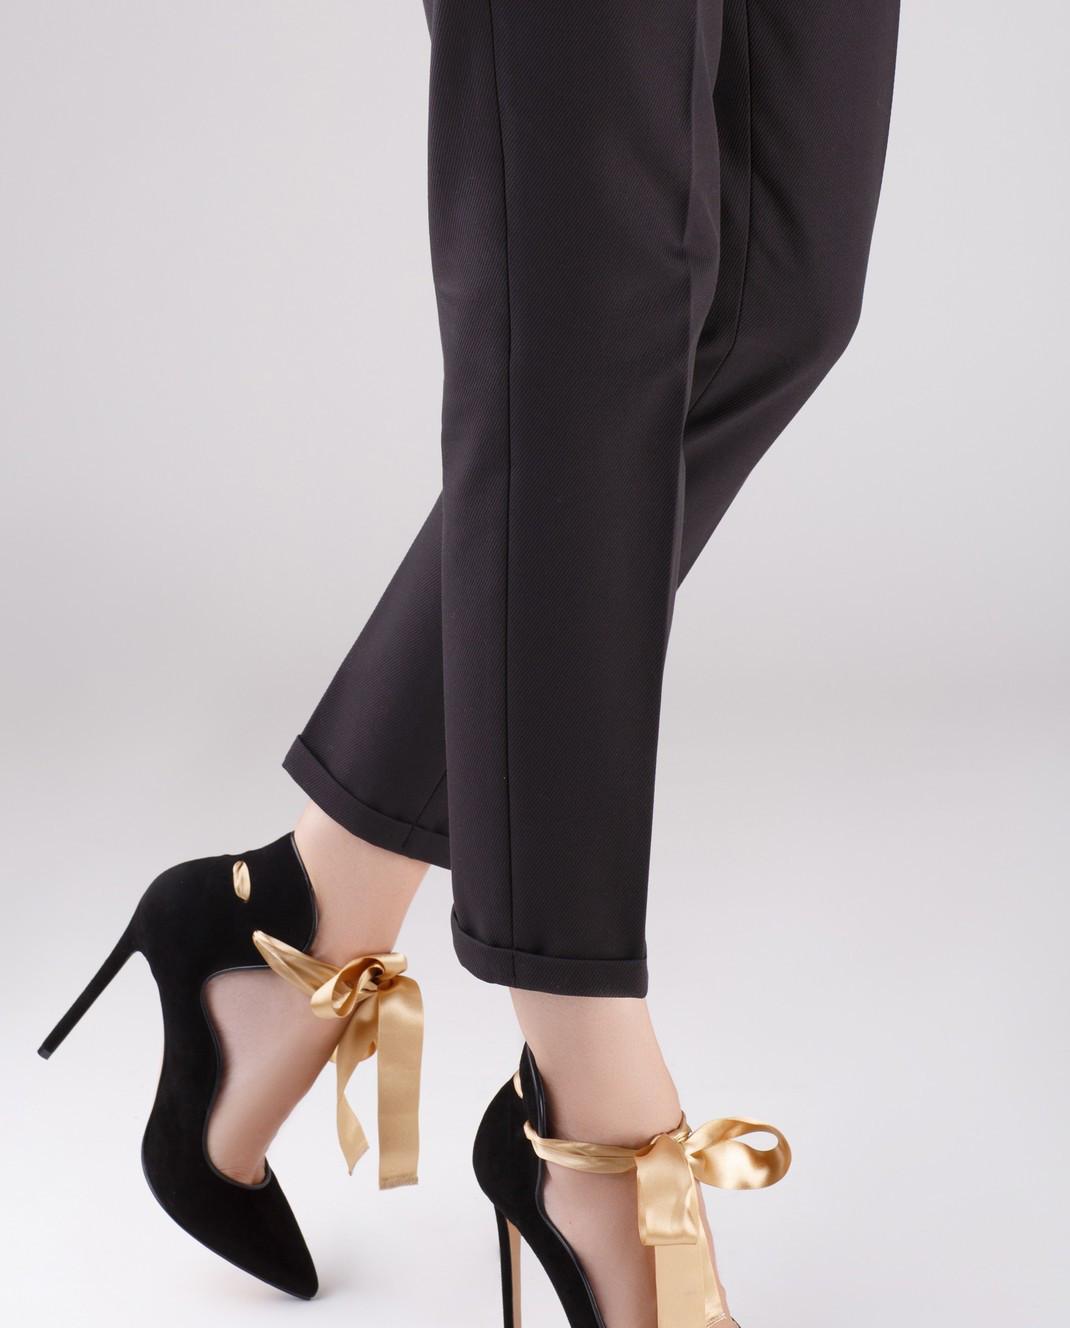 Cerasella Черные замшевые туфли MELISSA MELISSA изображение 2